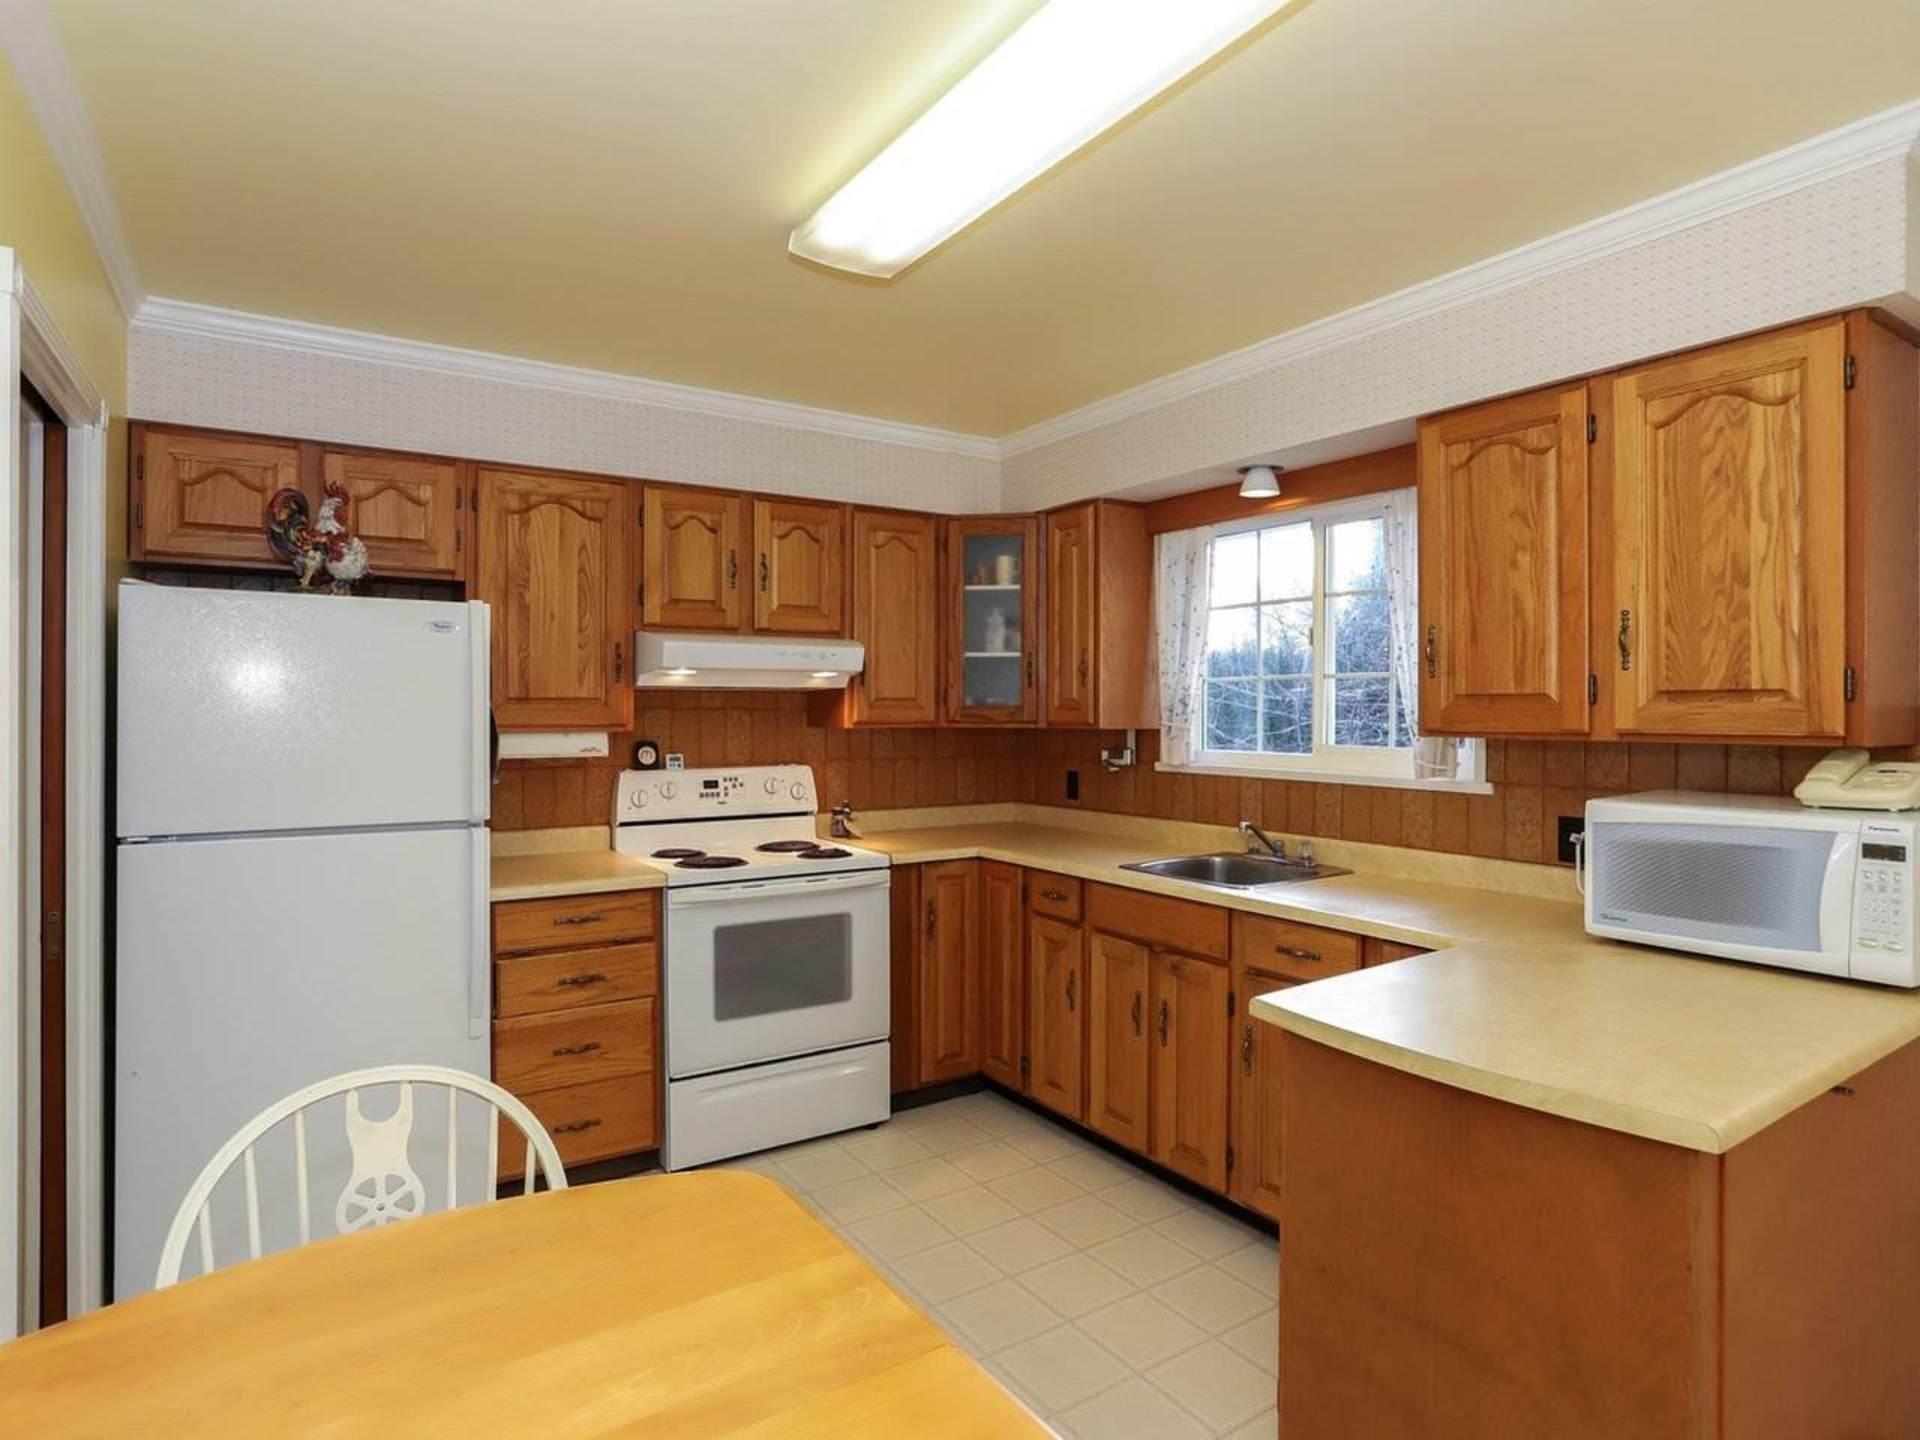 5476-7b-avenue-tsawwassen-central-tsawwassen-06 at 5476 7b Avenue, Tsawwassen Central, Tsawwassen